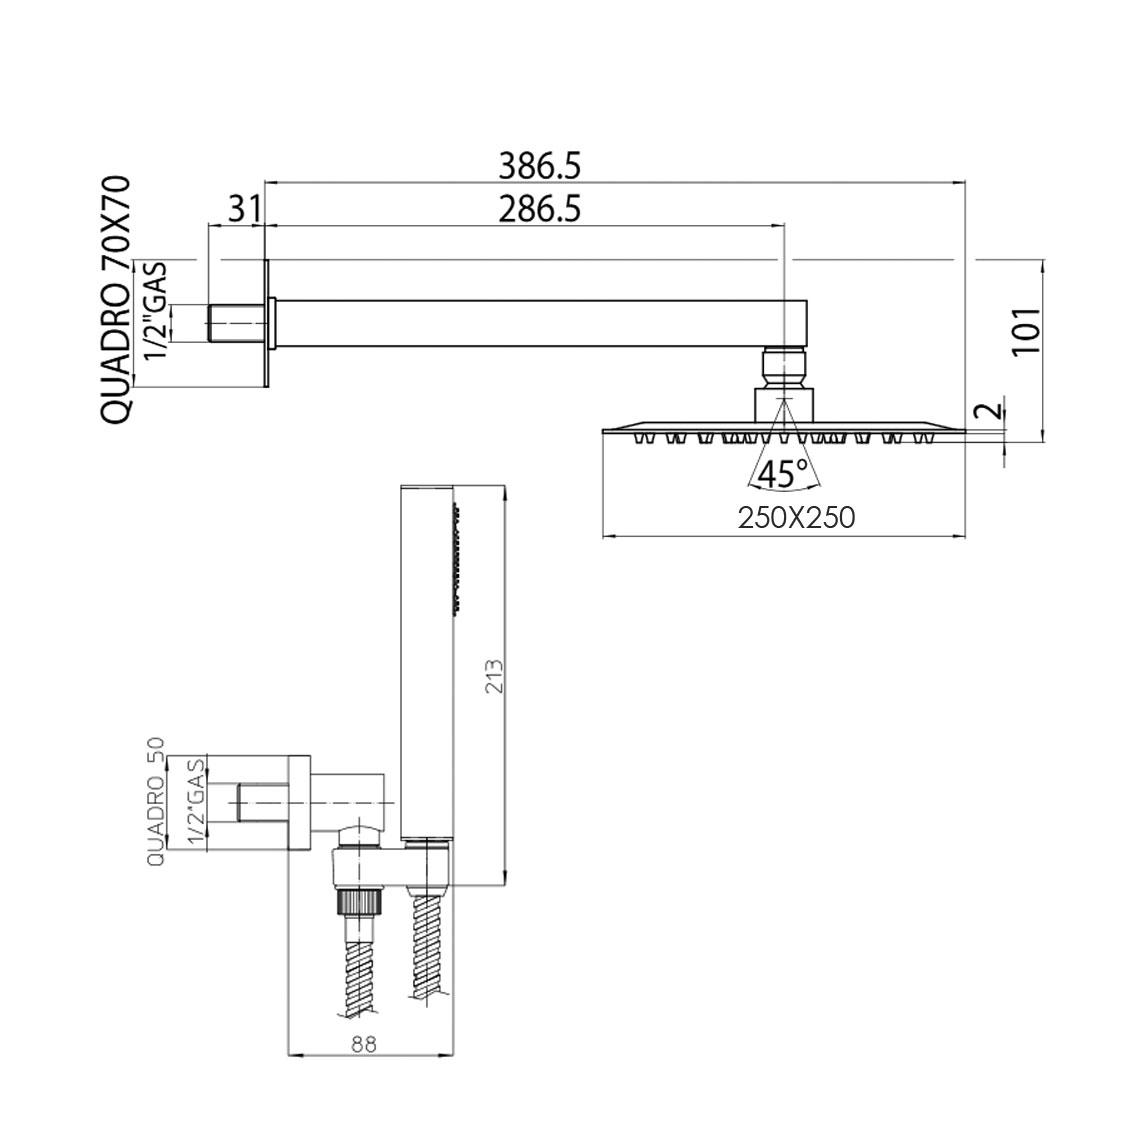 Composizione doccia Bossini con soffione quadrato ultra slim 25x25 cm, braccio doccia e kit duplex